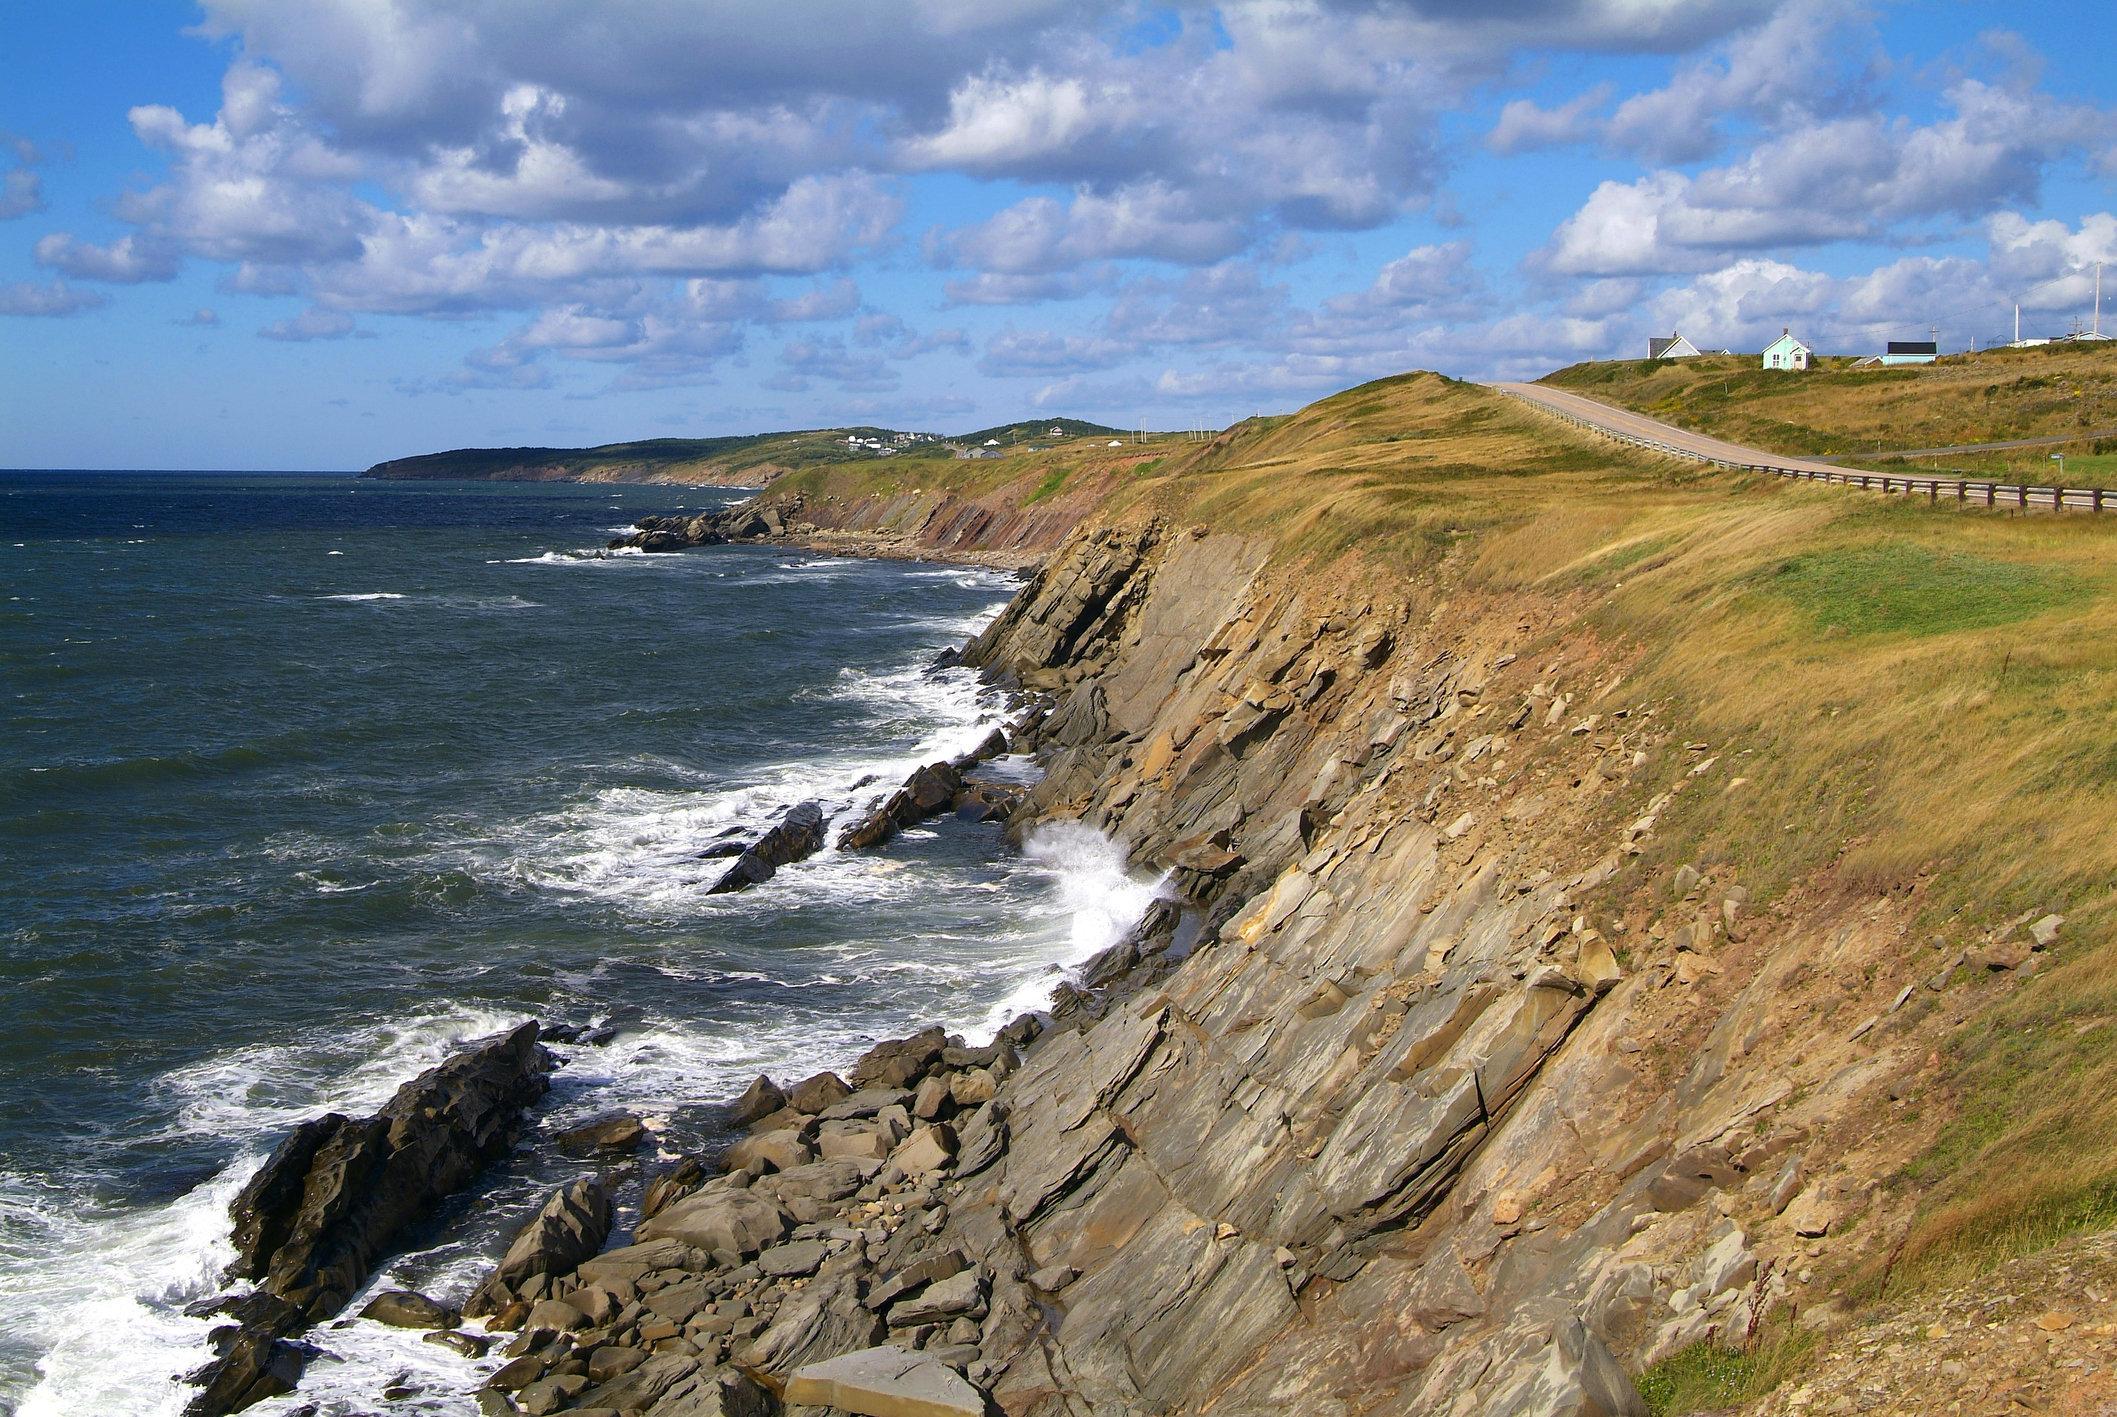 Westcoast at Cape Breton Island, Nova Scotia